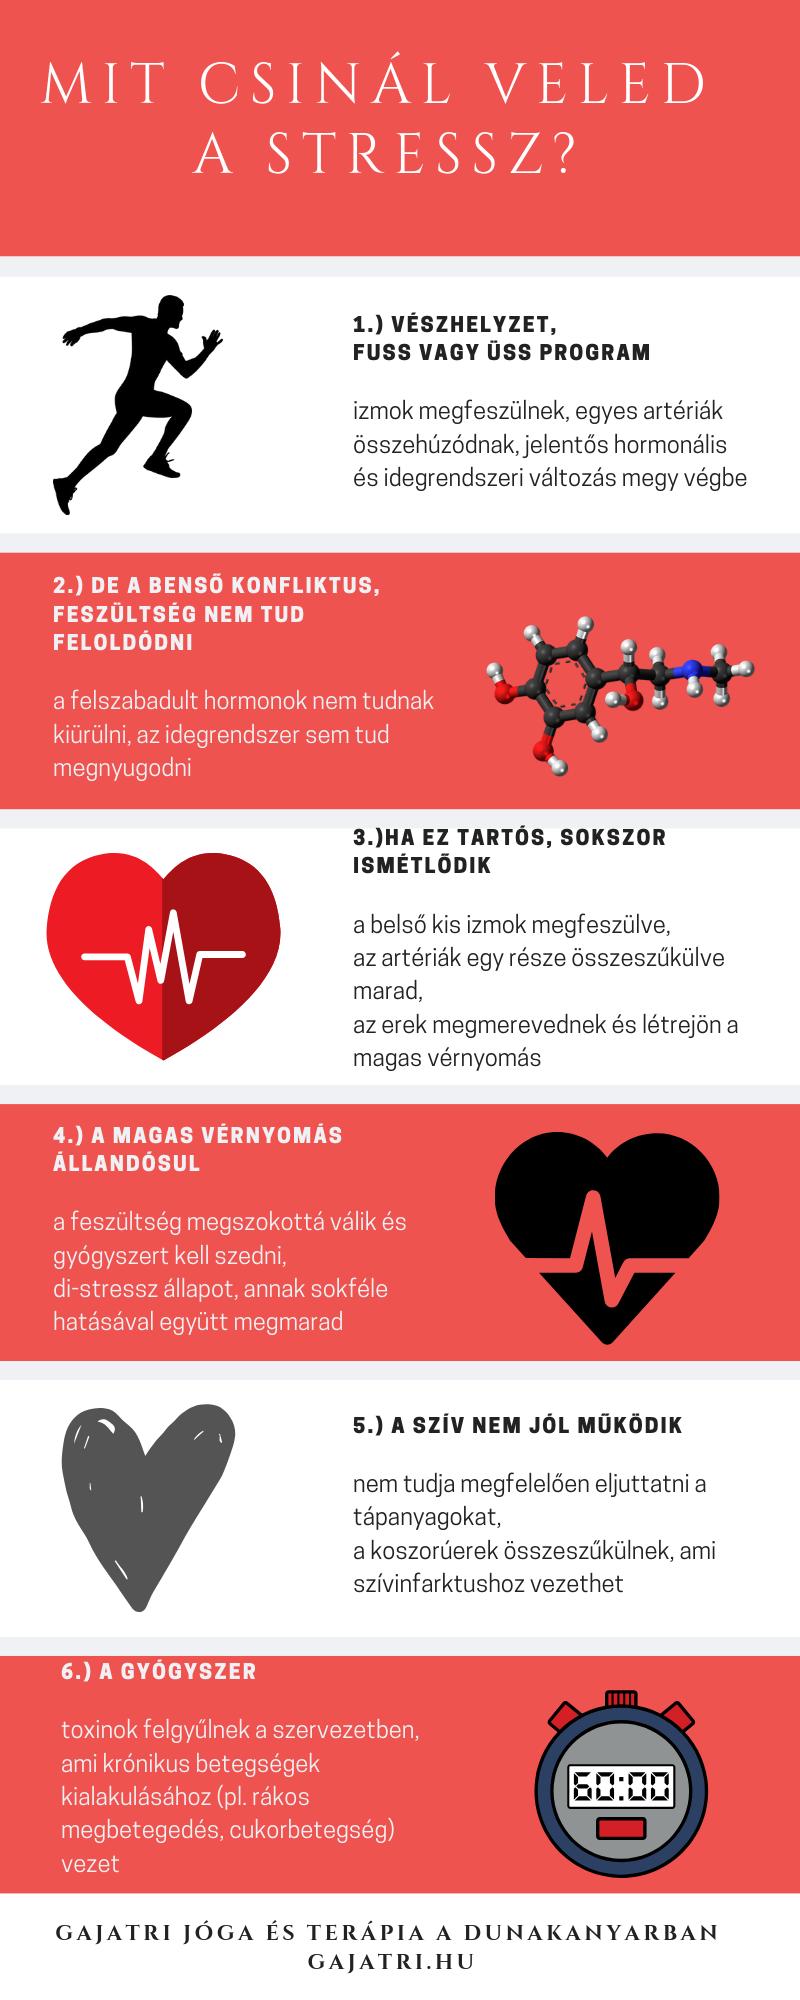 magas vérnyomás kezelés gyakorlása